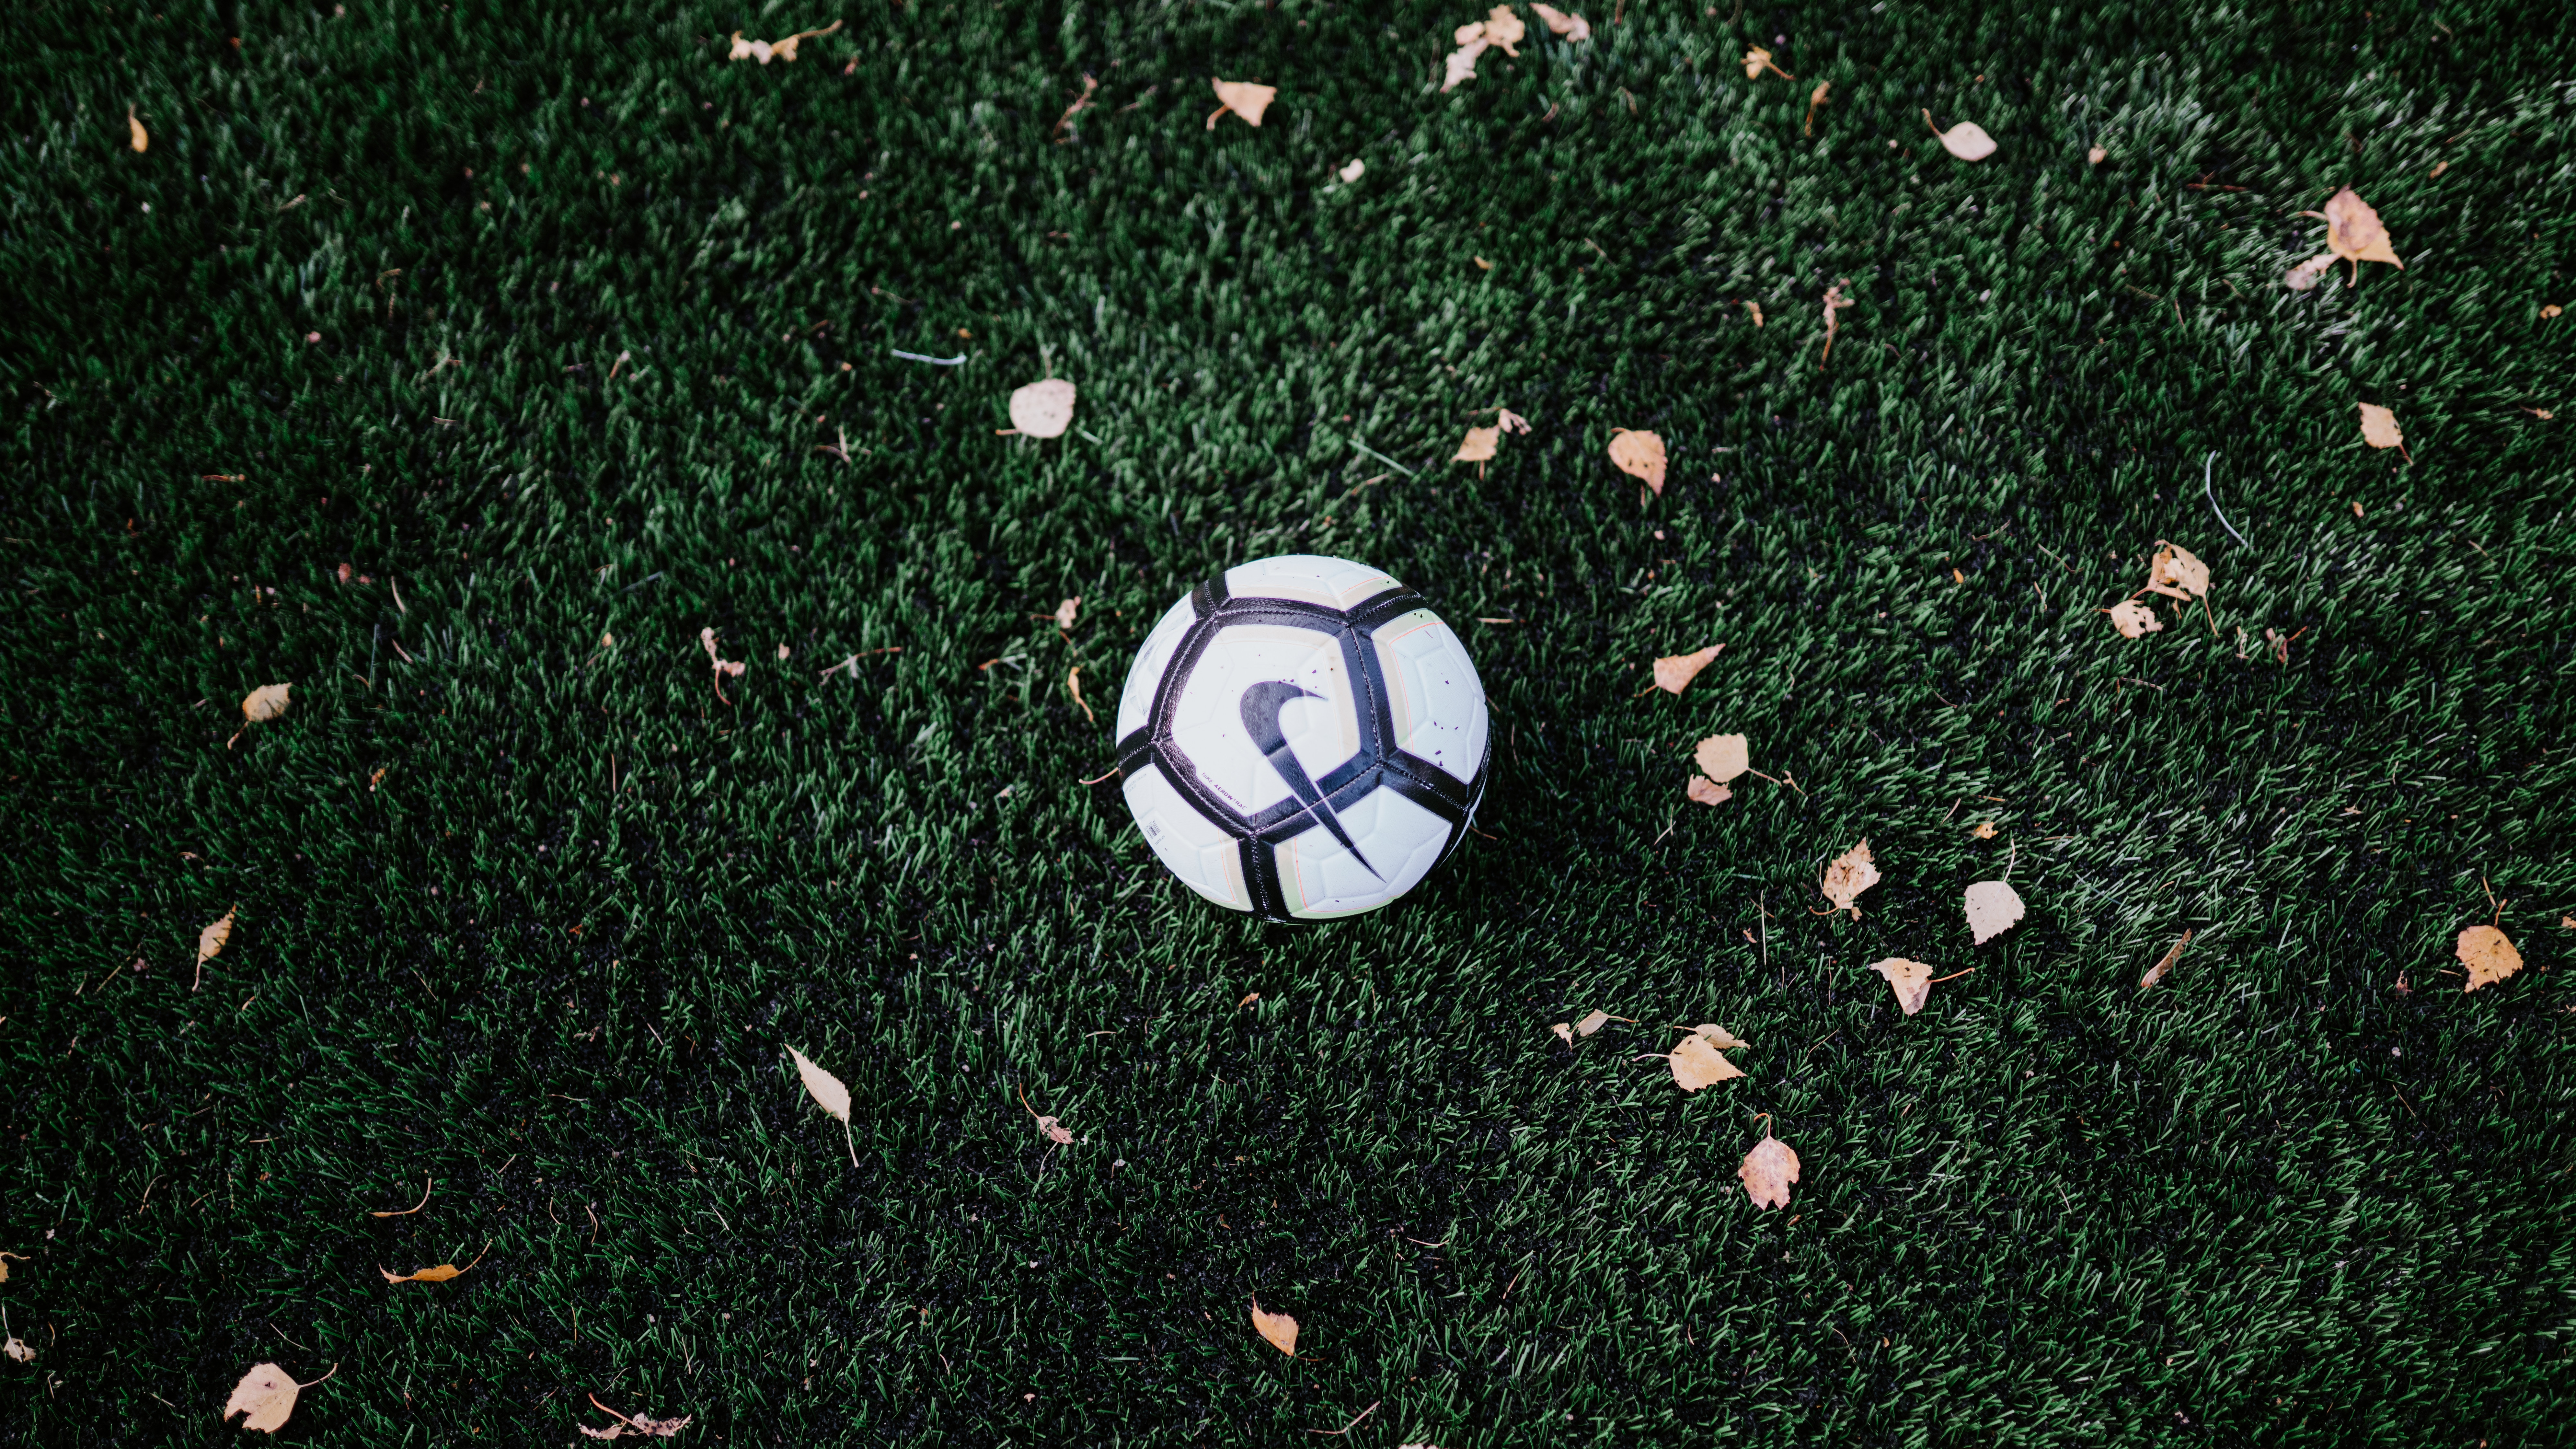 Hvem opfandt fodbold